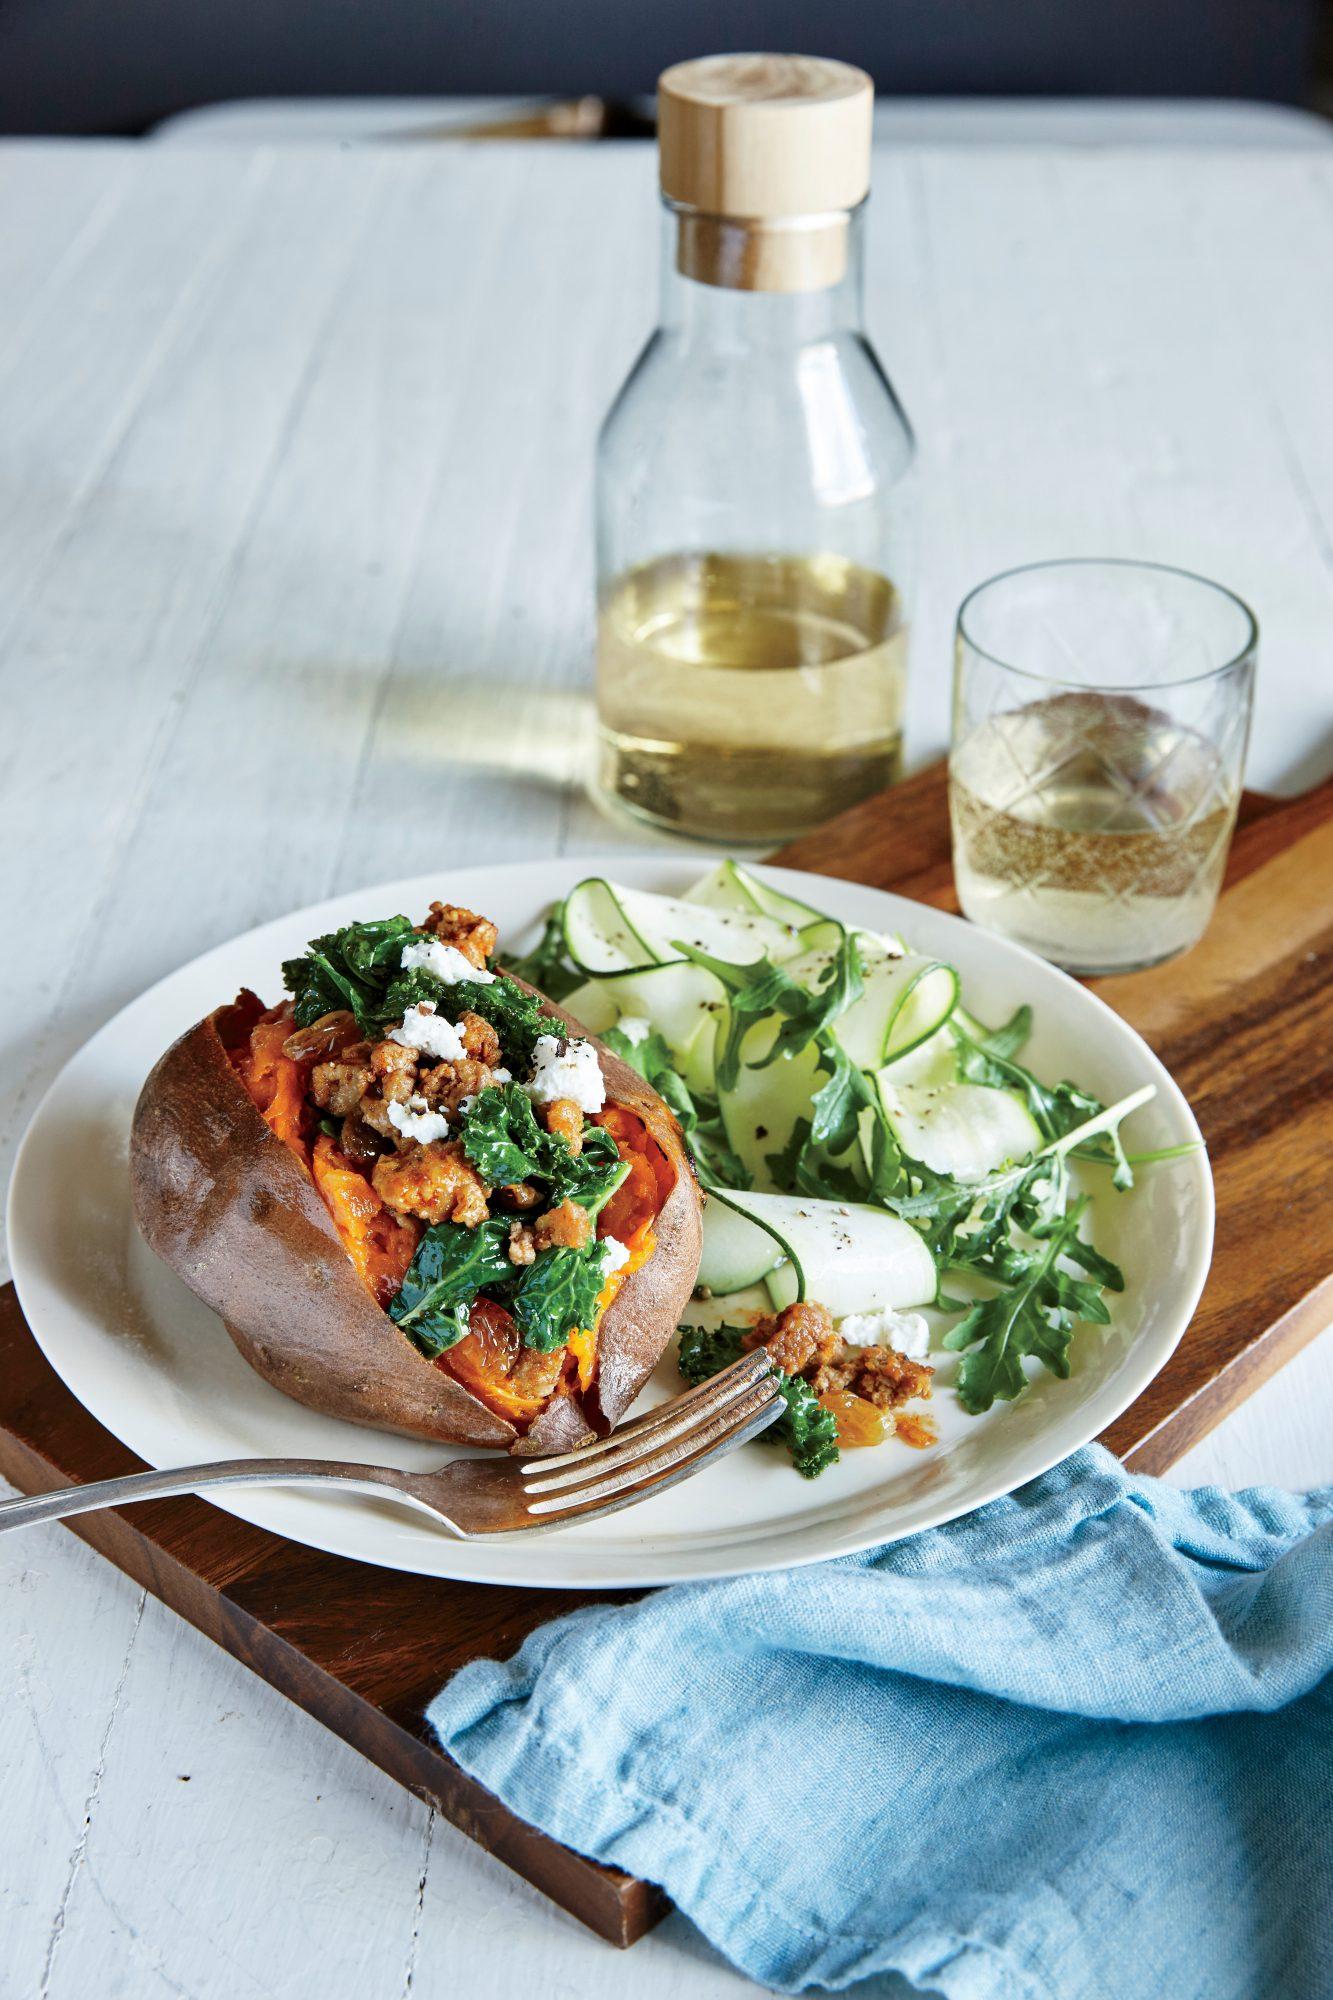 Chorizo and Kale Stuffed Sweet Potatoes with Zucchini Arugula Salad